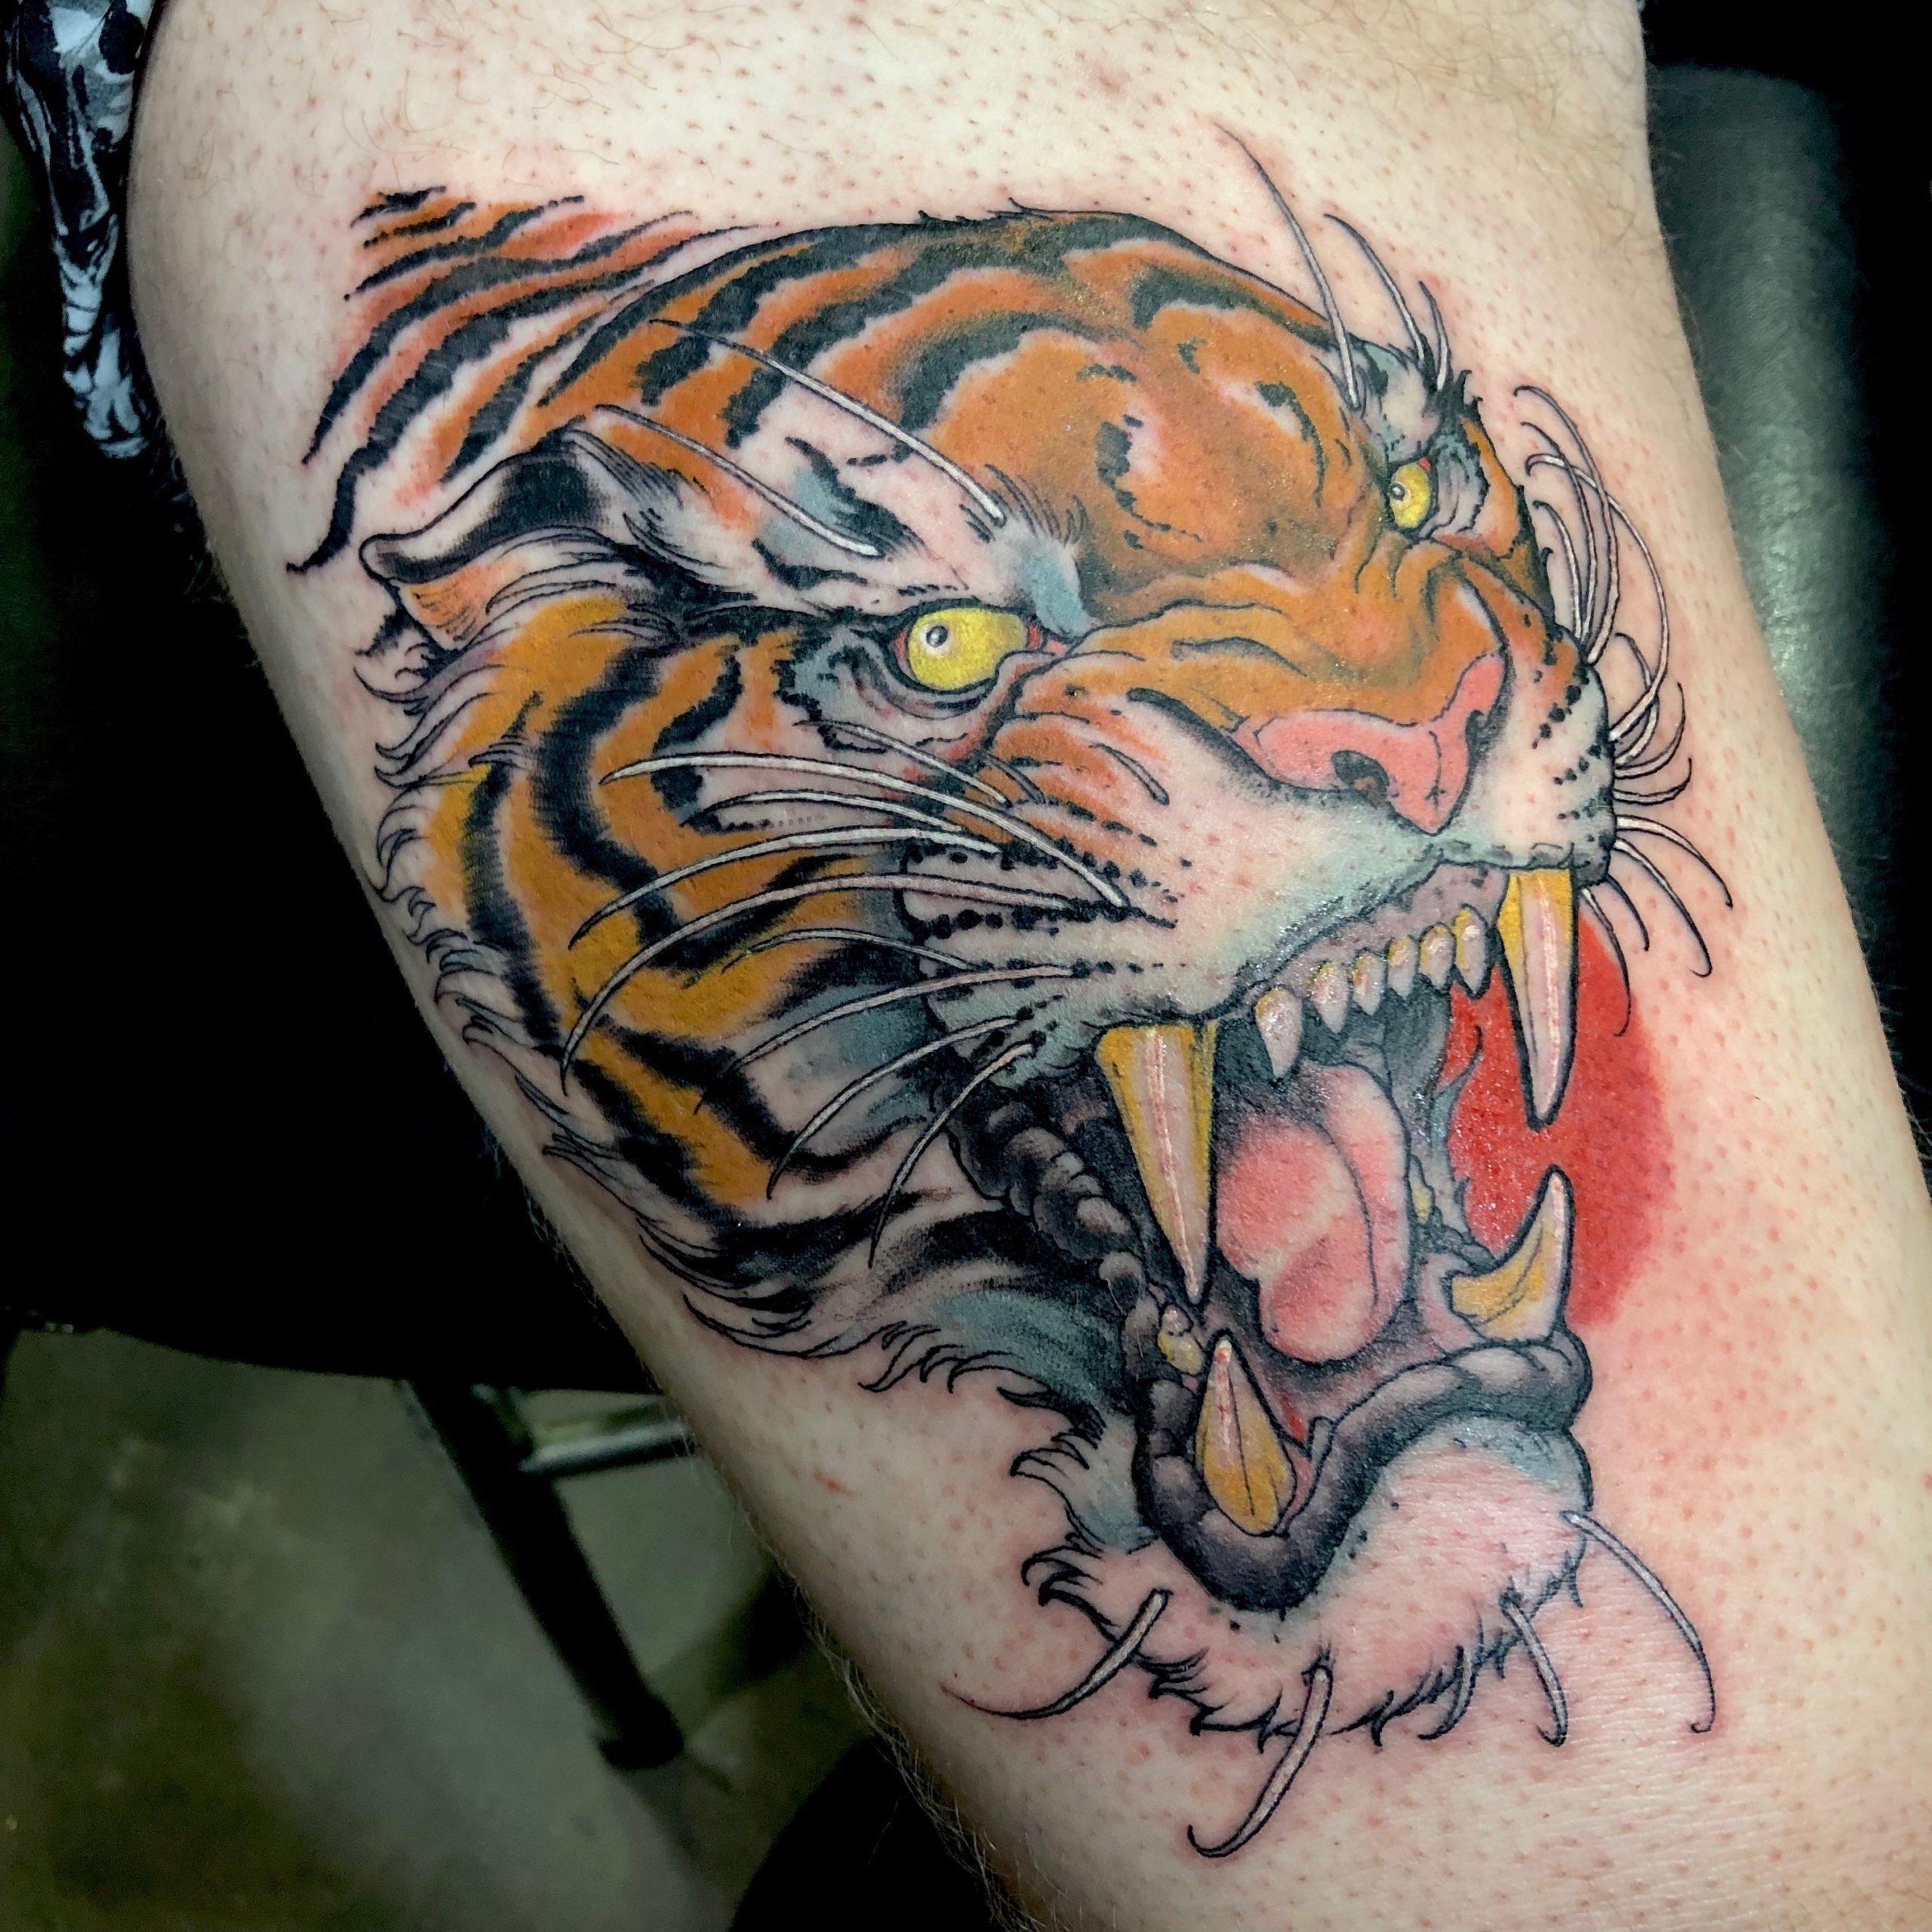 tiger head tattoo by ADAM HAYS